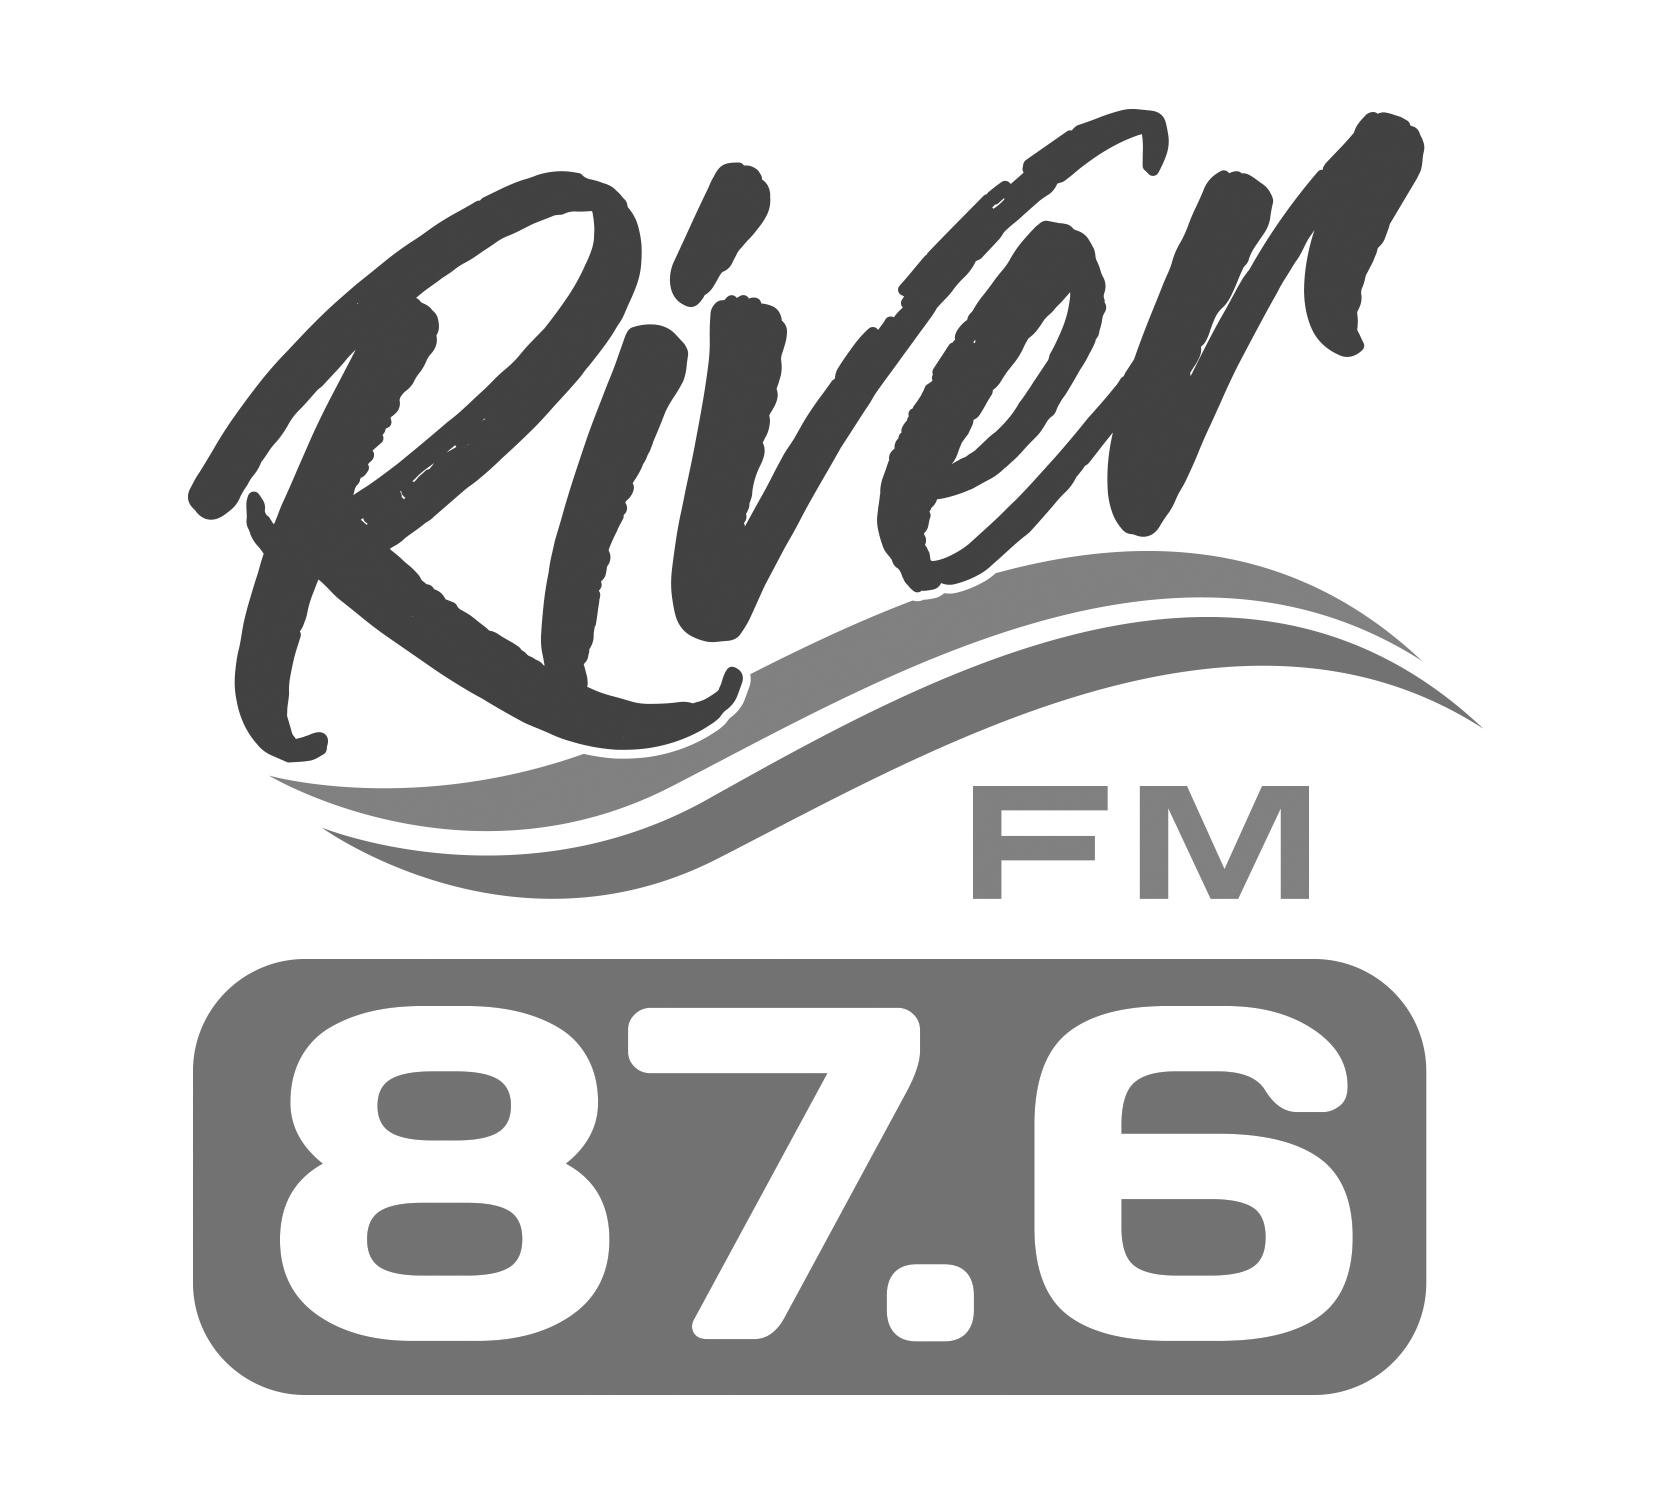 River FM 87.6